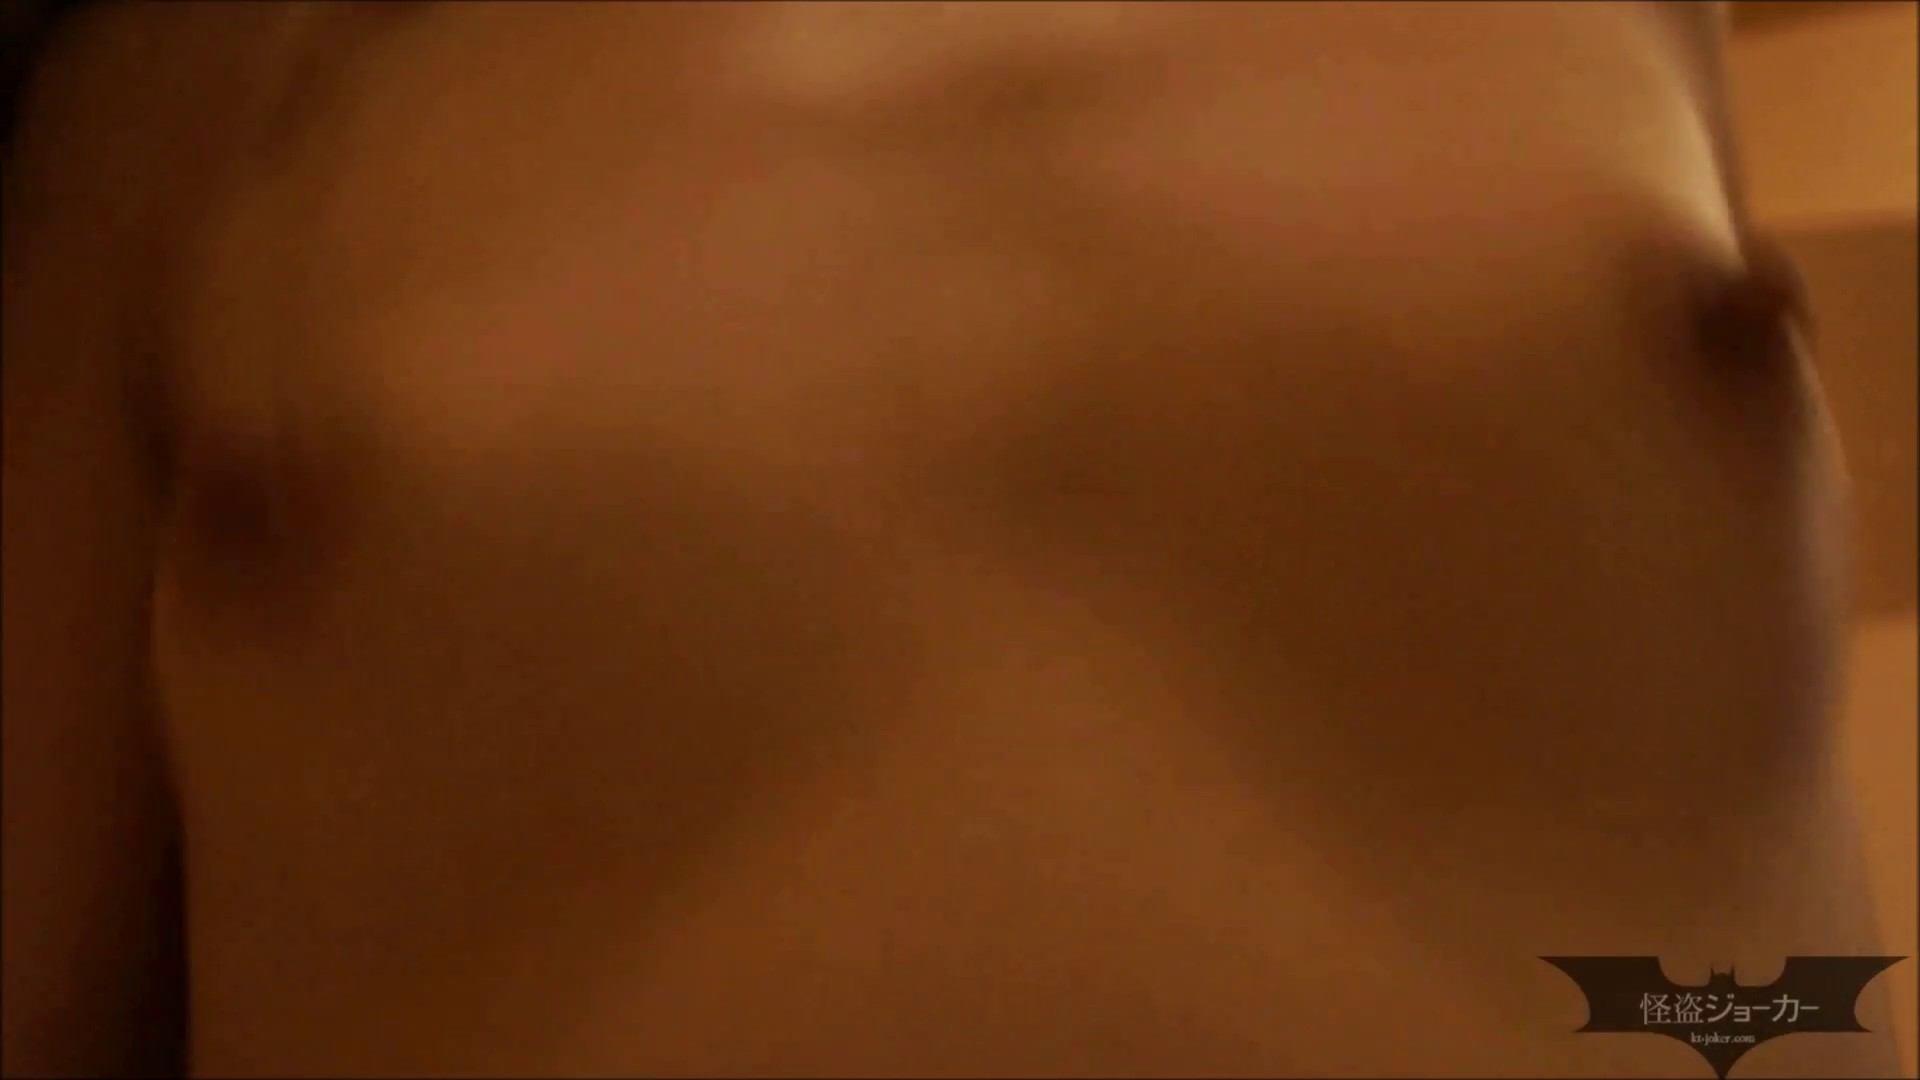 【未公開】vol.20 セレブ美魔女・カリソメの笑顔。最後の交わり...生中出し OLハメ撮り  83Pix 73